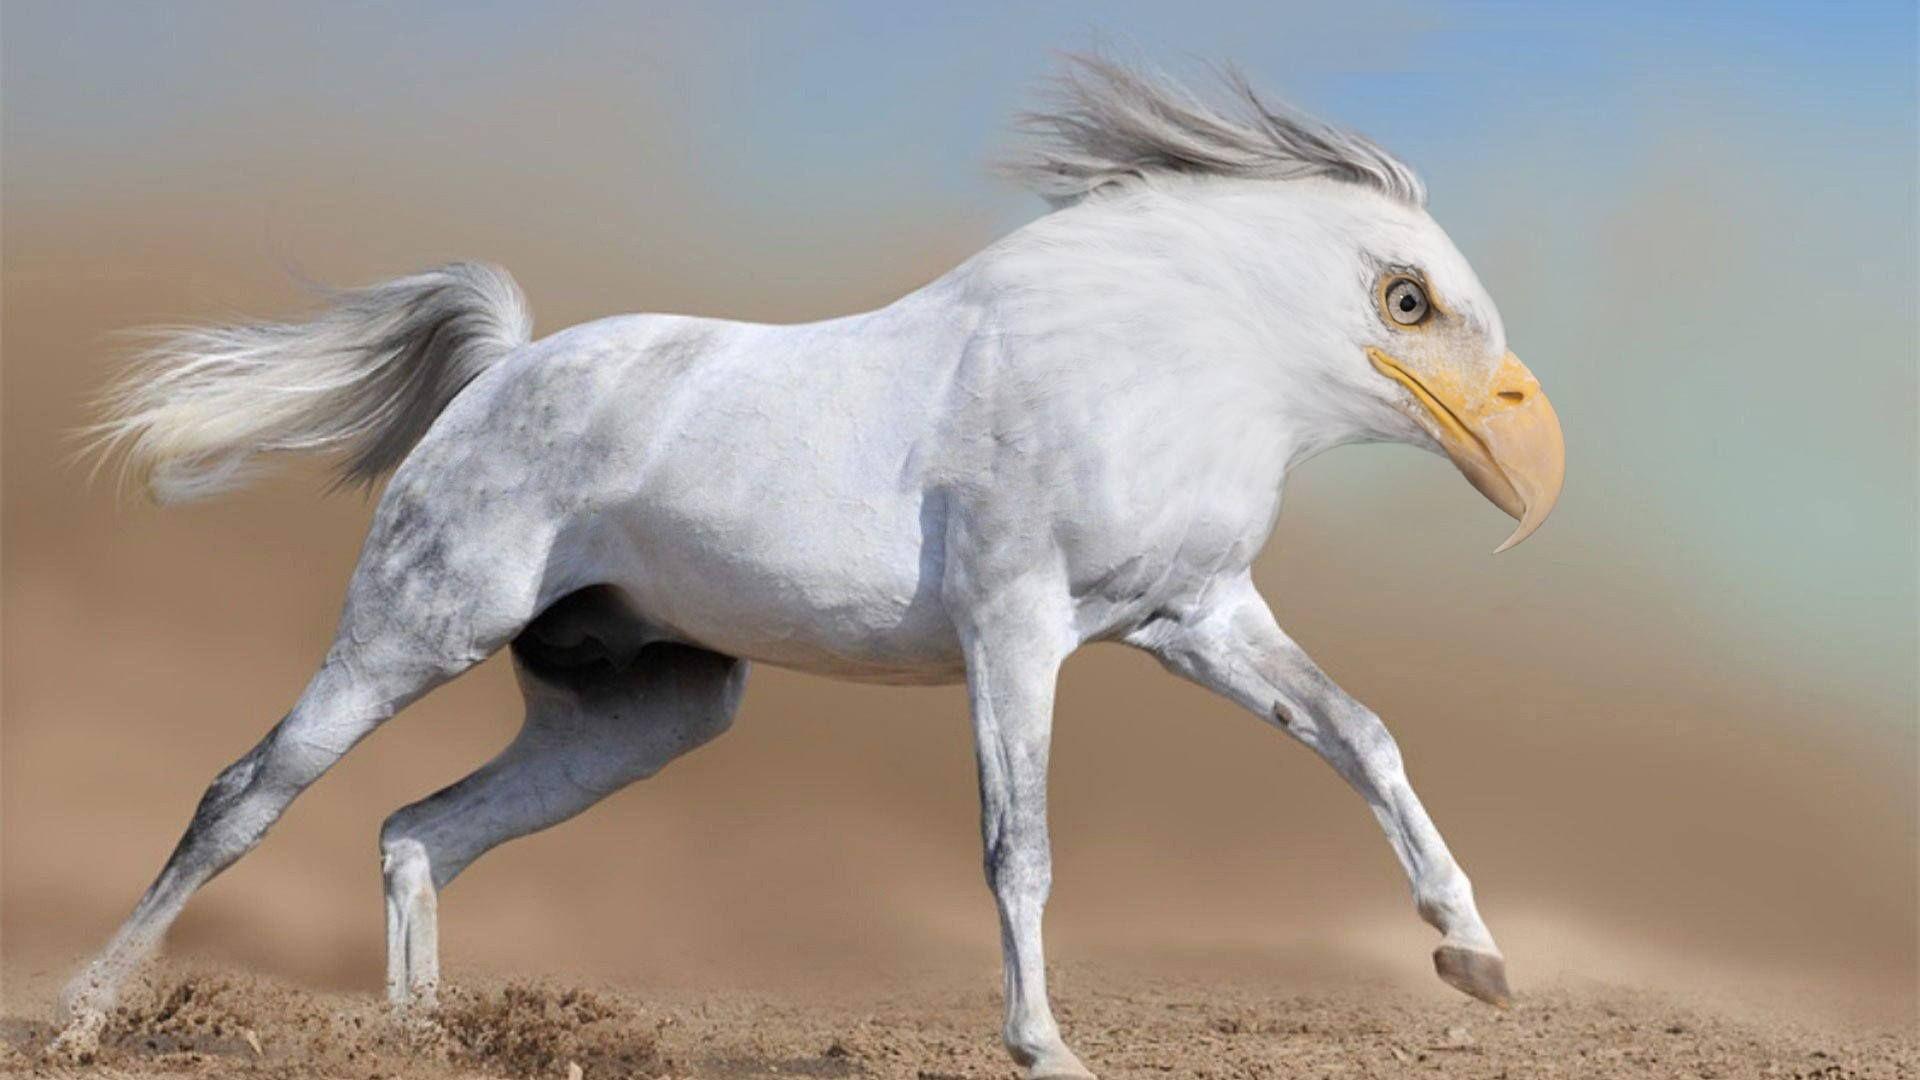 Popular Wallpaper Horse Eagle - ec97ec44a842f66fa900fe8f967618b4  2018_573199.jpg